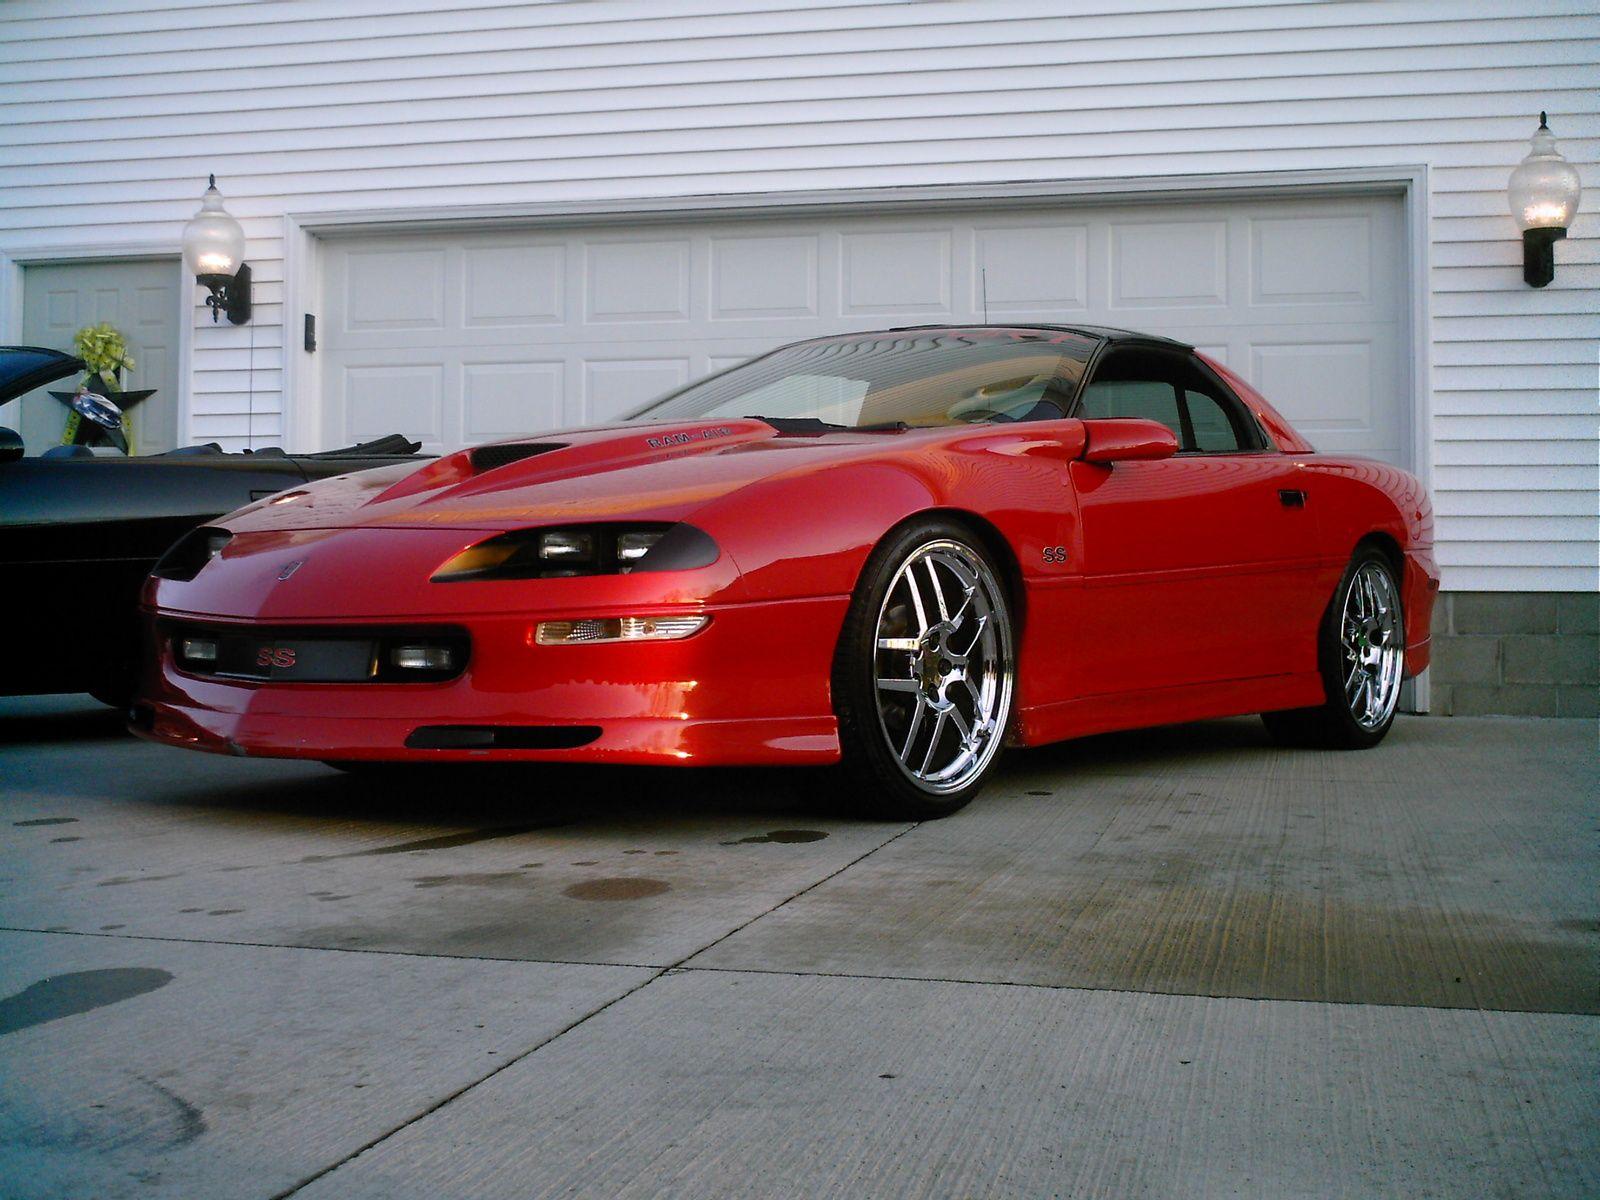 1997 Chevrolet Camaro Pictures Cargurus Chevrolet Camaro